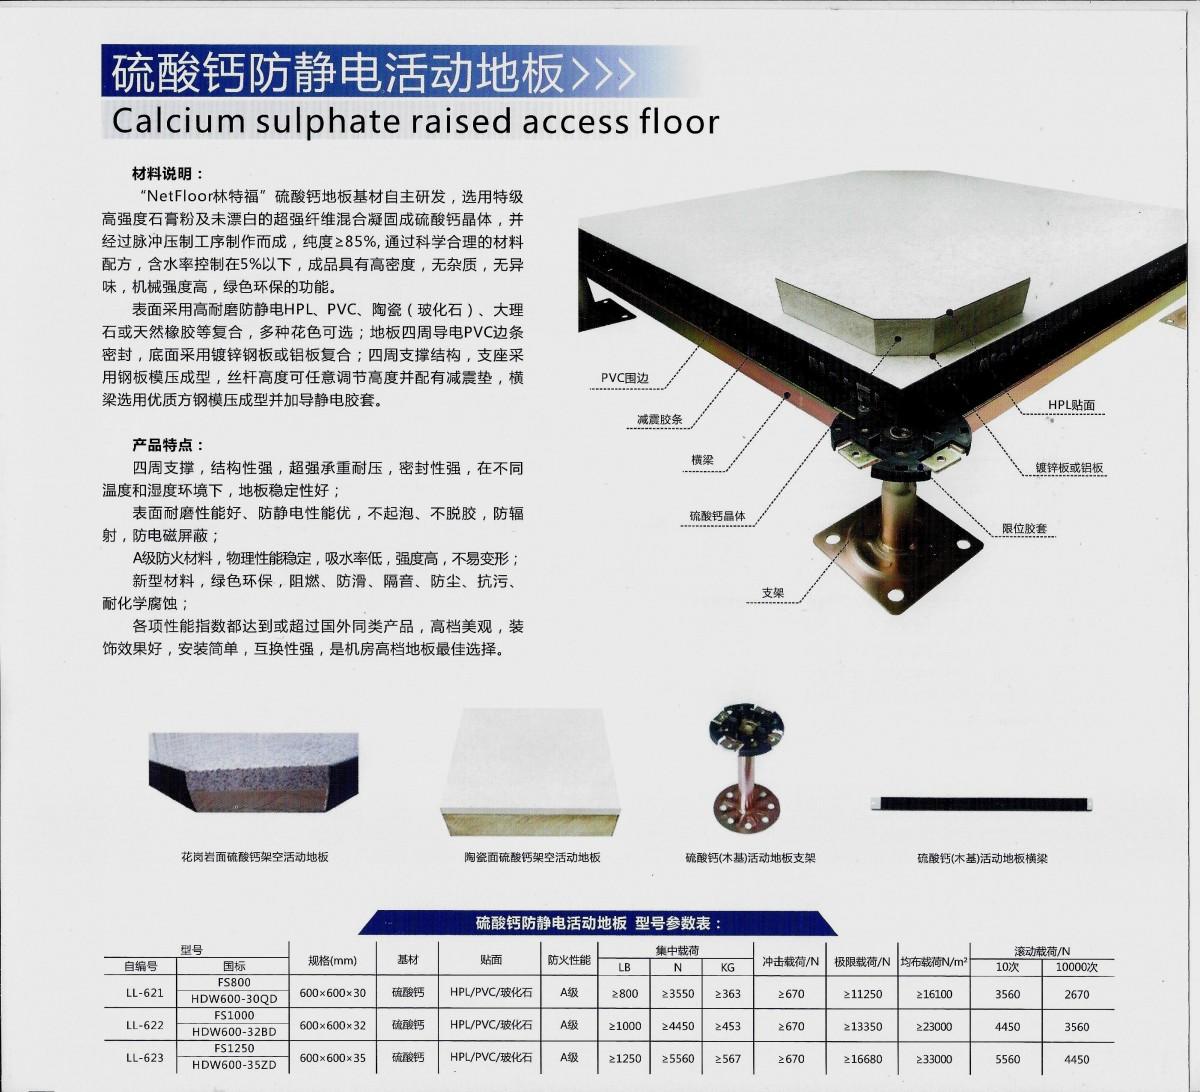 硫酸鈣防靜電活動地板(1)